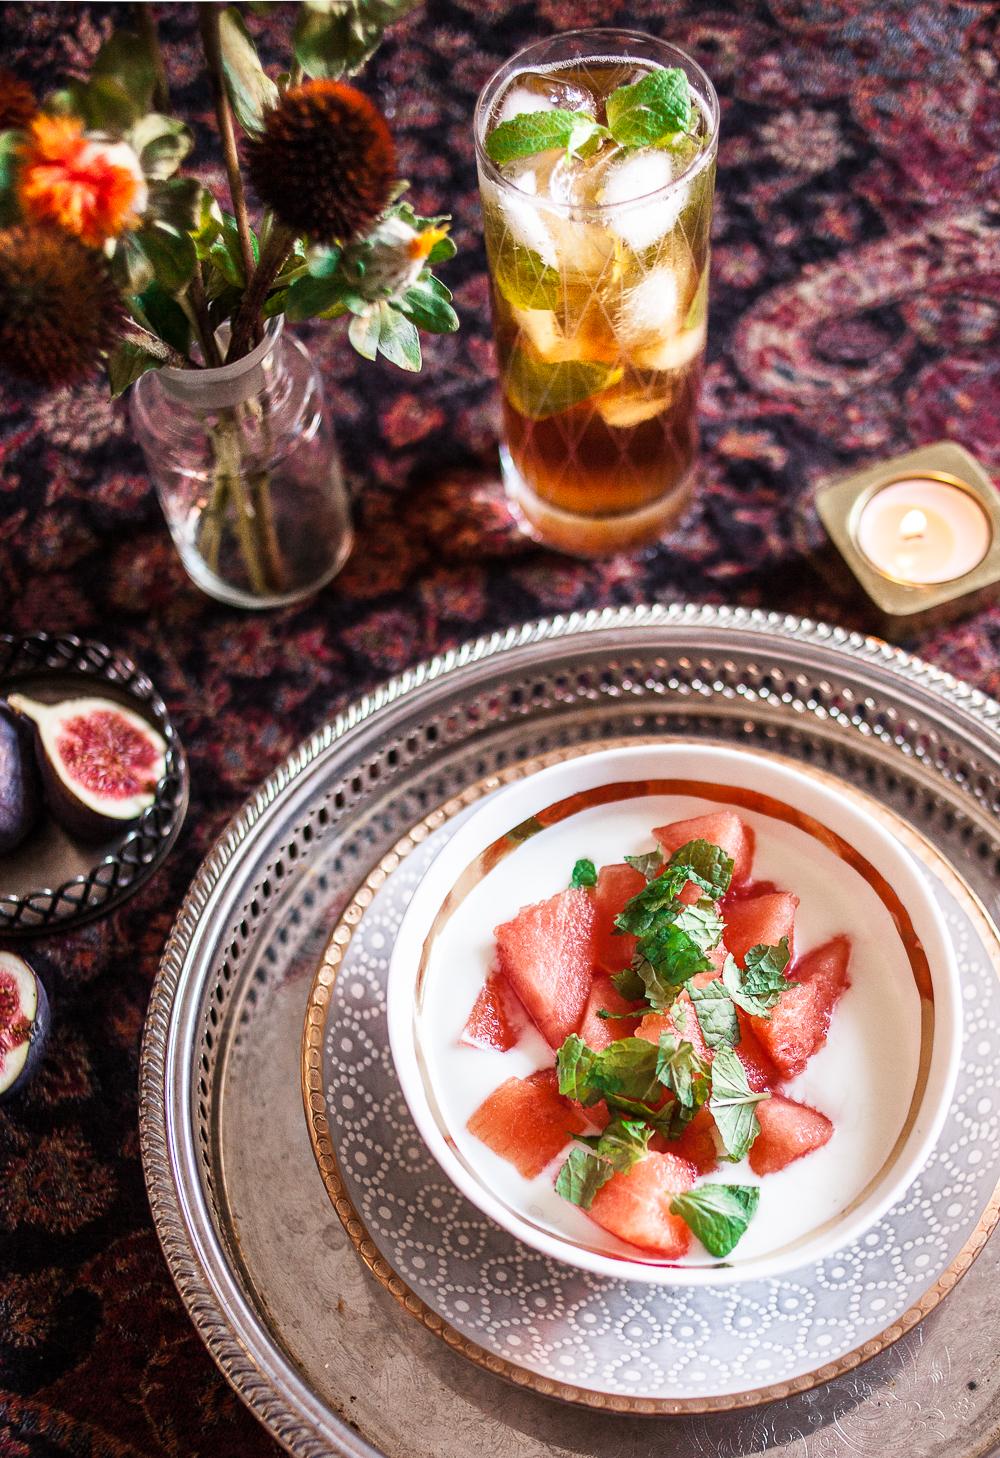 Frukost frÜn vÑrldens hîrn Foto Emily Dahl-23.jpg